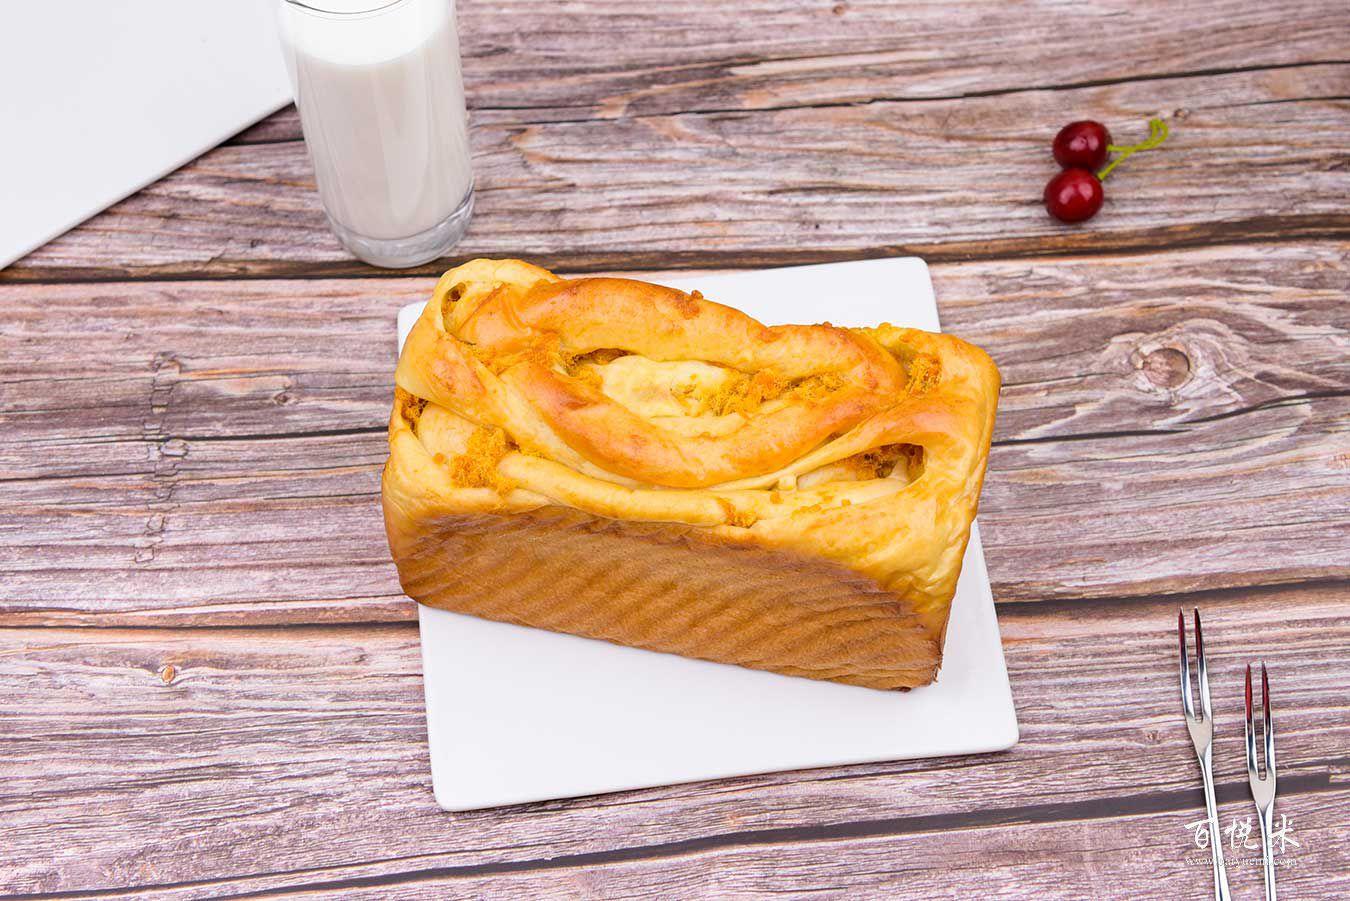 肉松吐司面包高清图片大全【蛋糕图片】_334